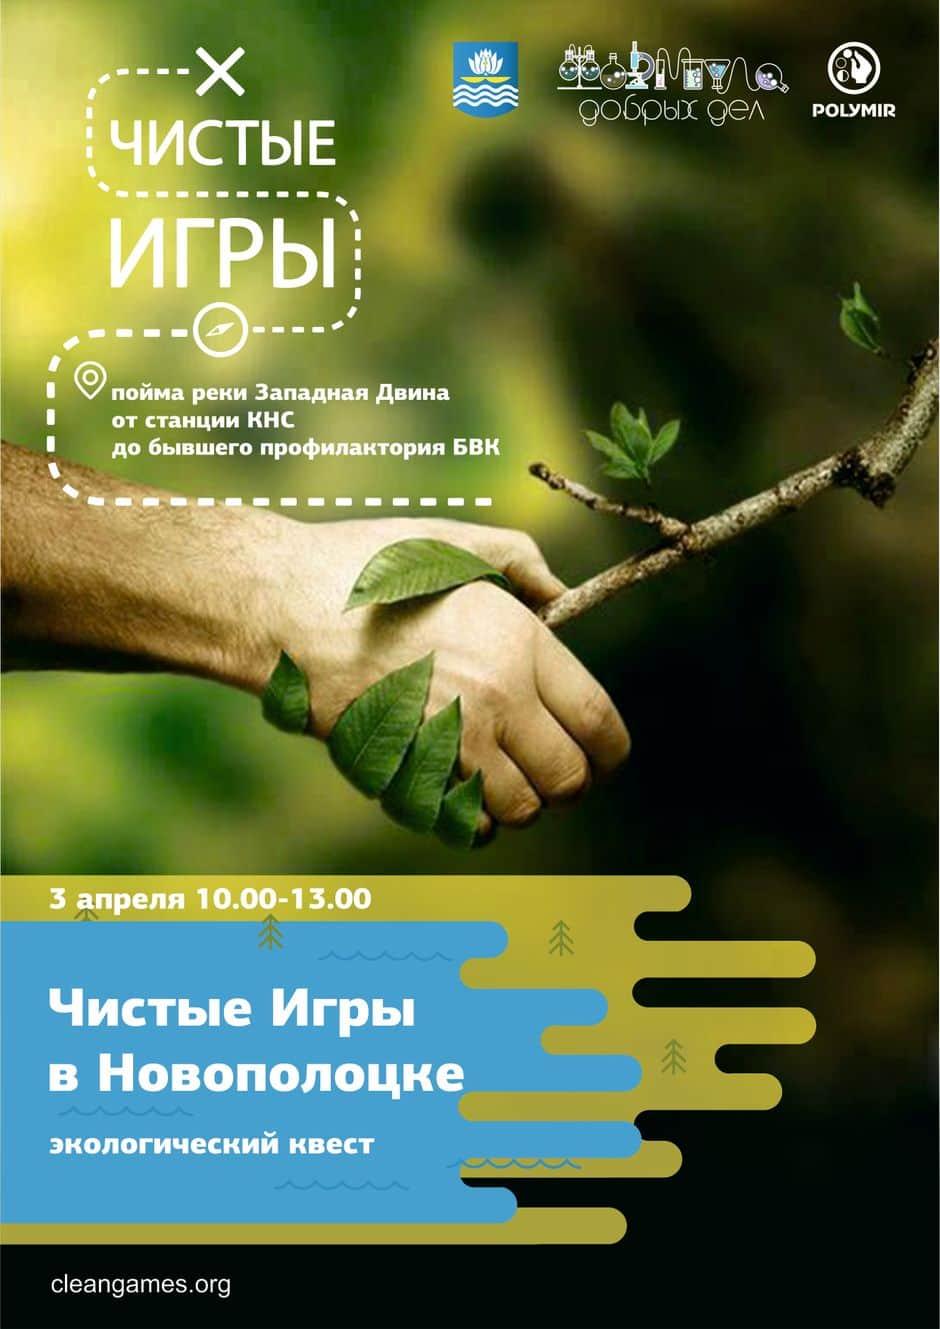 Чистые Игры в  Новополоцке